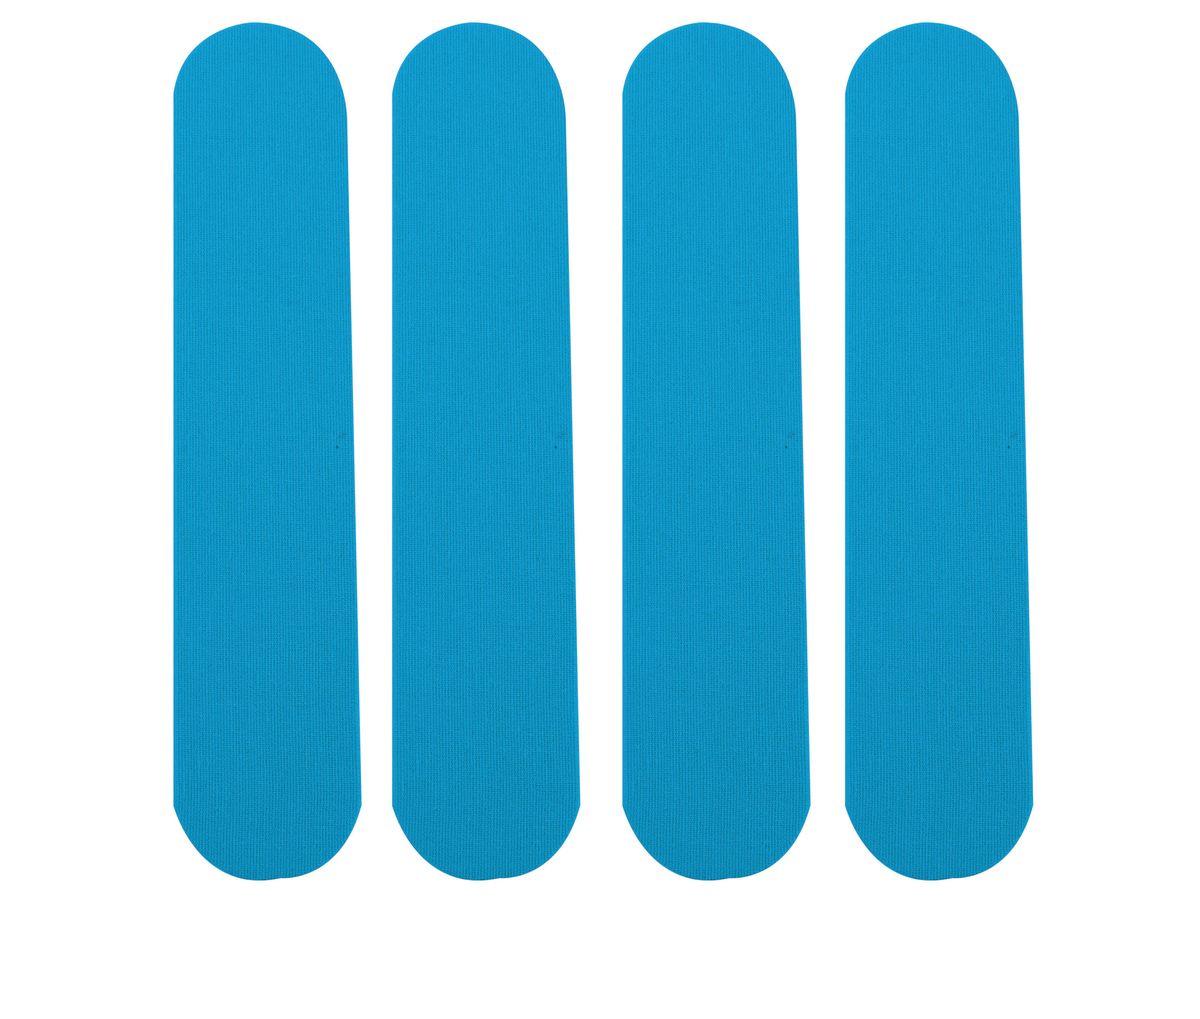 Лента кинезиологическая для запястья Lite Weights, цвет: голубой, 4 шт1216LWЛента кинезиологическая Lite Weights предназначена для защиты мышц запястий от растяжений во время занятий спортом. Специальные хлопковые ленты, не содержащие латекс, с акриловым термоактивным покрытием, аналогичные по эластичности человеческой коже, которые накладываются по методу кинезиологического тейпирования. Тейпы обеспечивают адекватную работу мышц, протекание саногенетических процессов, уменьшая болевой эффект, при этом не ограничивая движений, улучшая крово- и лимфоток, обладая гипоаллергенными свойствами и полной воздухо- и влагопроницаемостью, позволяет использовать их на протяжении 5 дней, 24 часа в сутки, даже в воде.Преимущества кинезиологической ленты:позволяет снизить нагрузку на определенные мышцы;обеспечивает плавный процесс восстановления после травм;усиливает кровообращение на участке наклеивания; улучшает снабжение мышц кислородом;уменьшает болевой синдром и отечность;размер одной ленты: 25 см х 5 см;ускоряет заживление ран и рассасывание гематом.